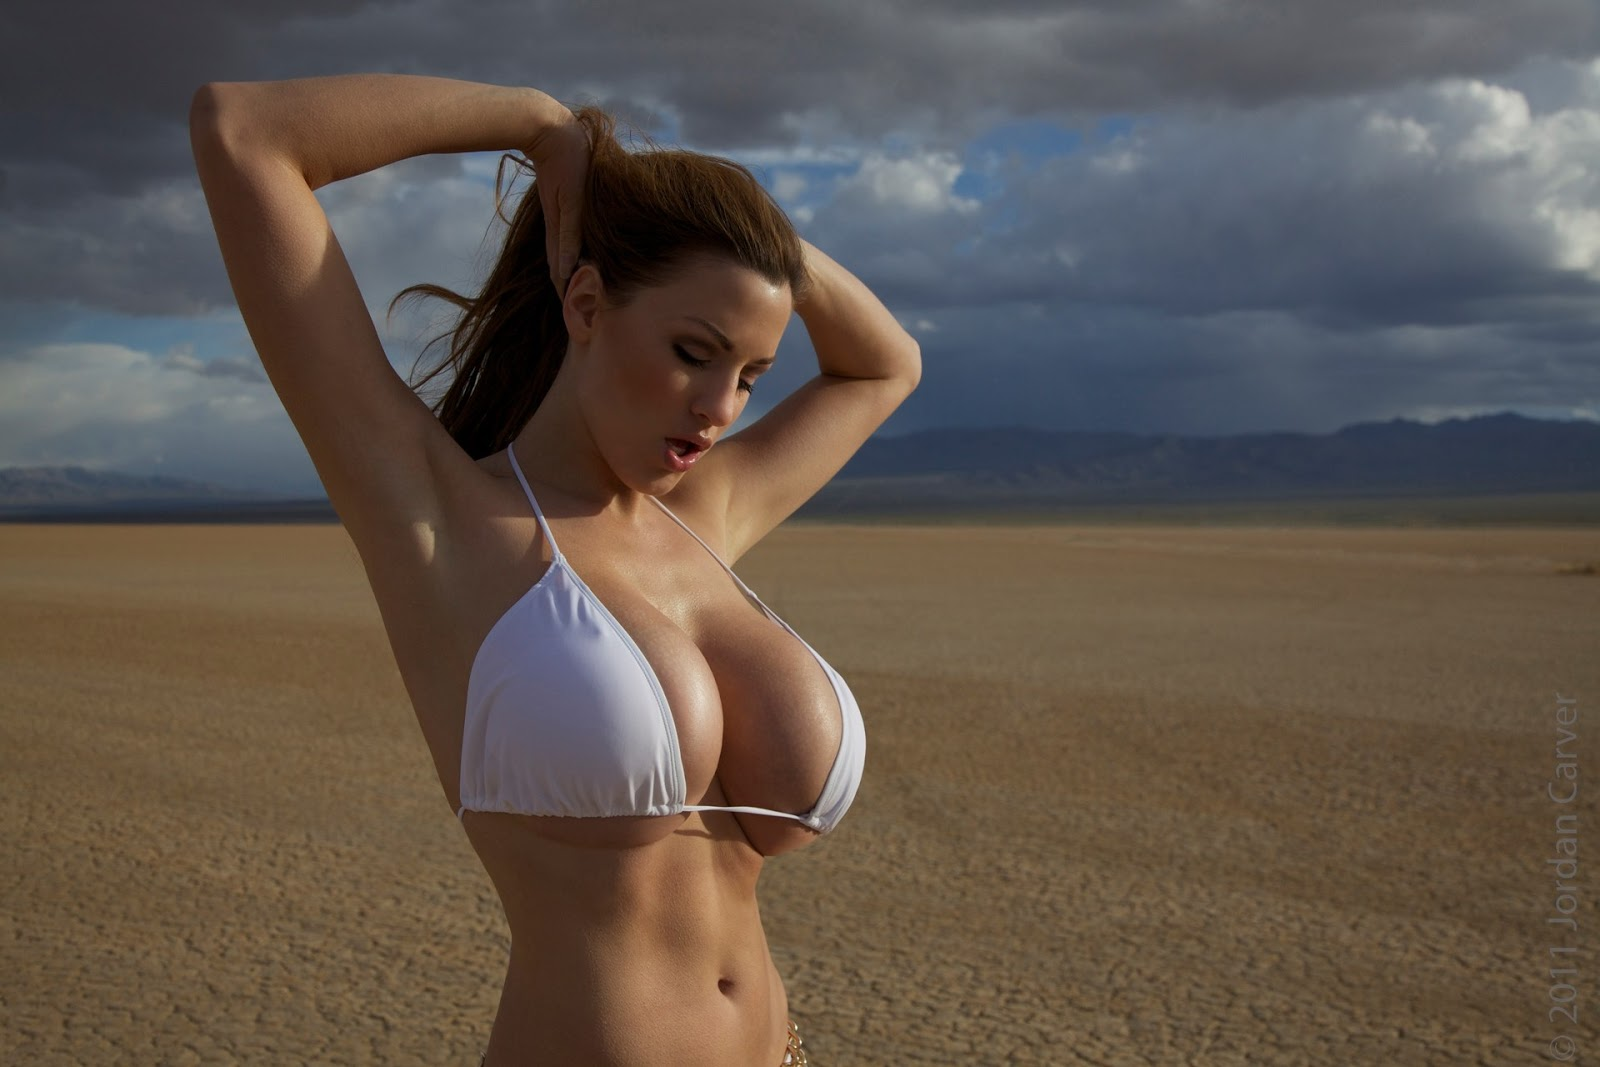 Шикарный телки фото, Голые телки - эротические фото красивых секси телочек 10 фотография